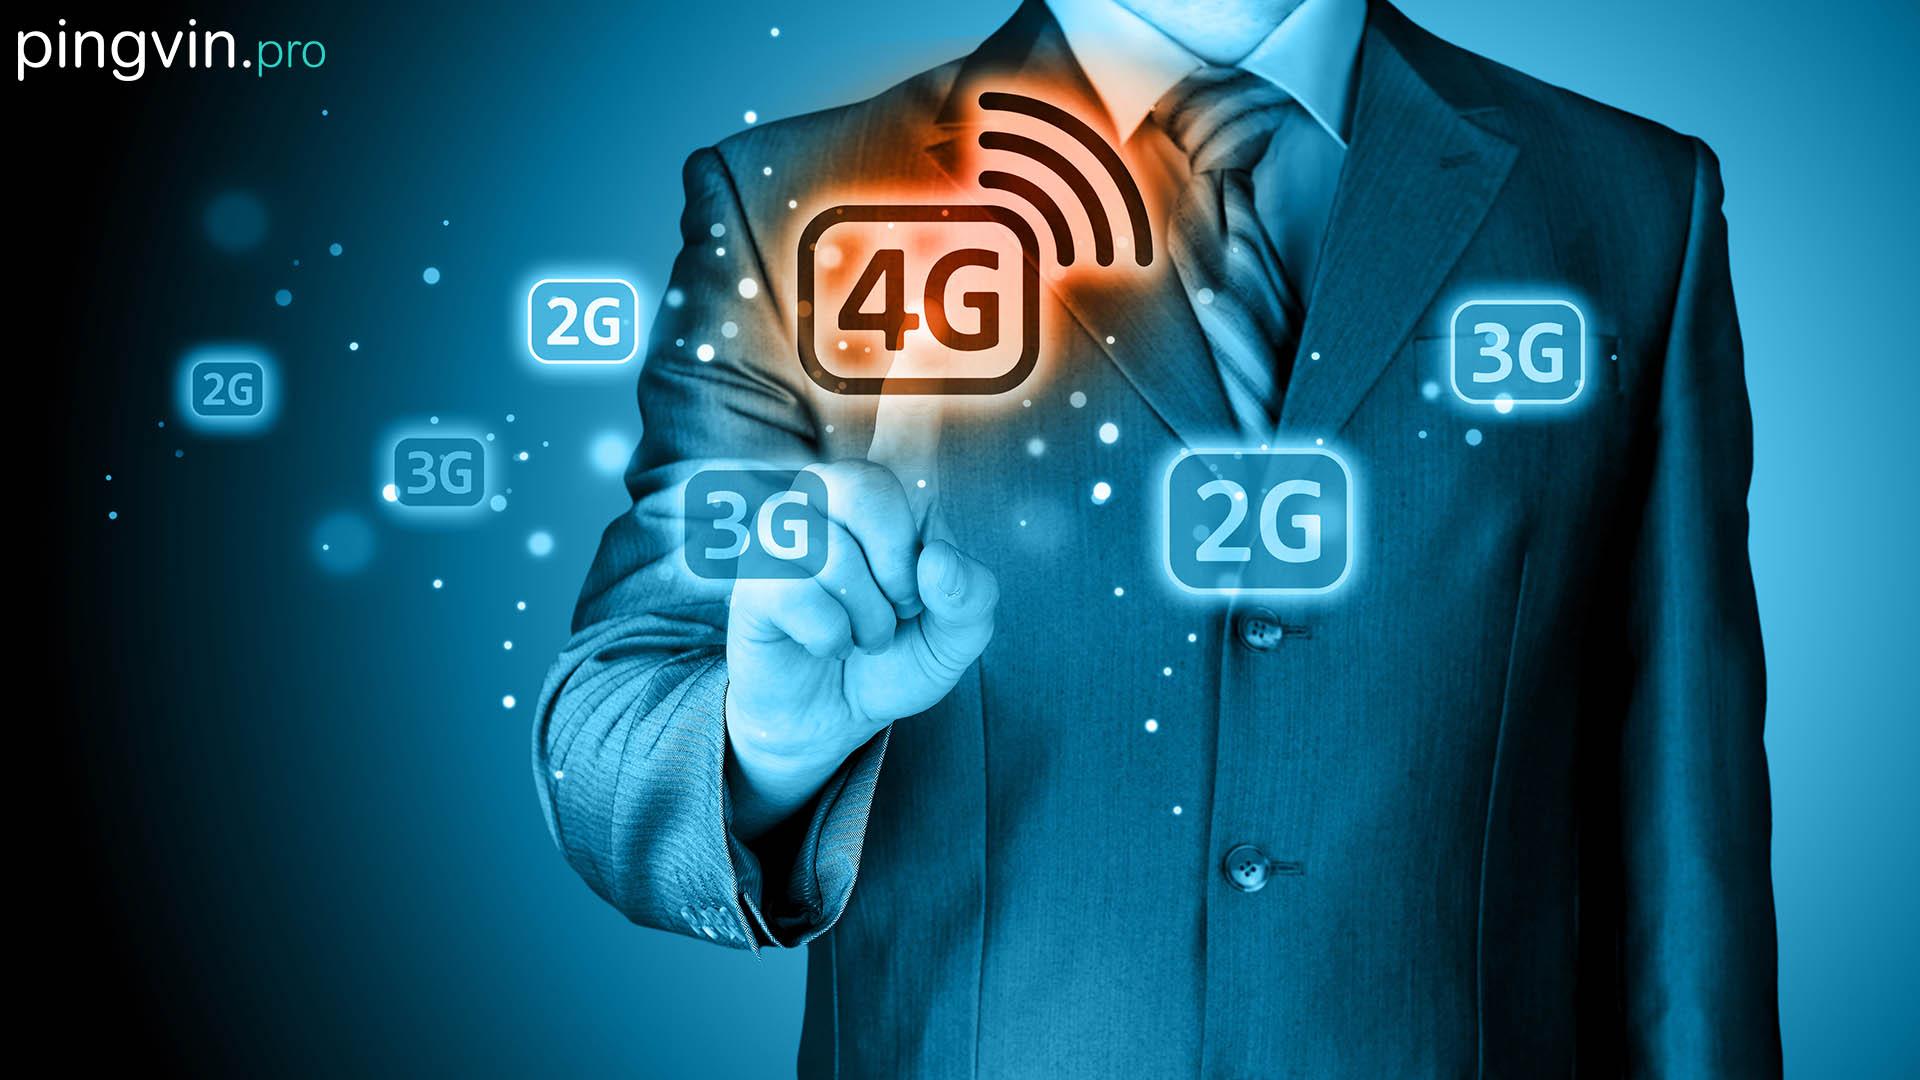 Інтертелеком позбавили ліцензії на 4G